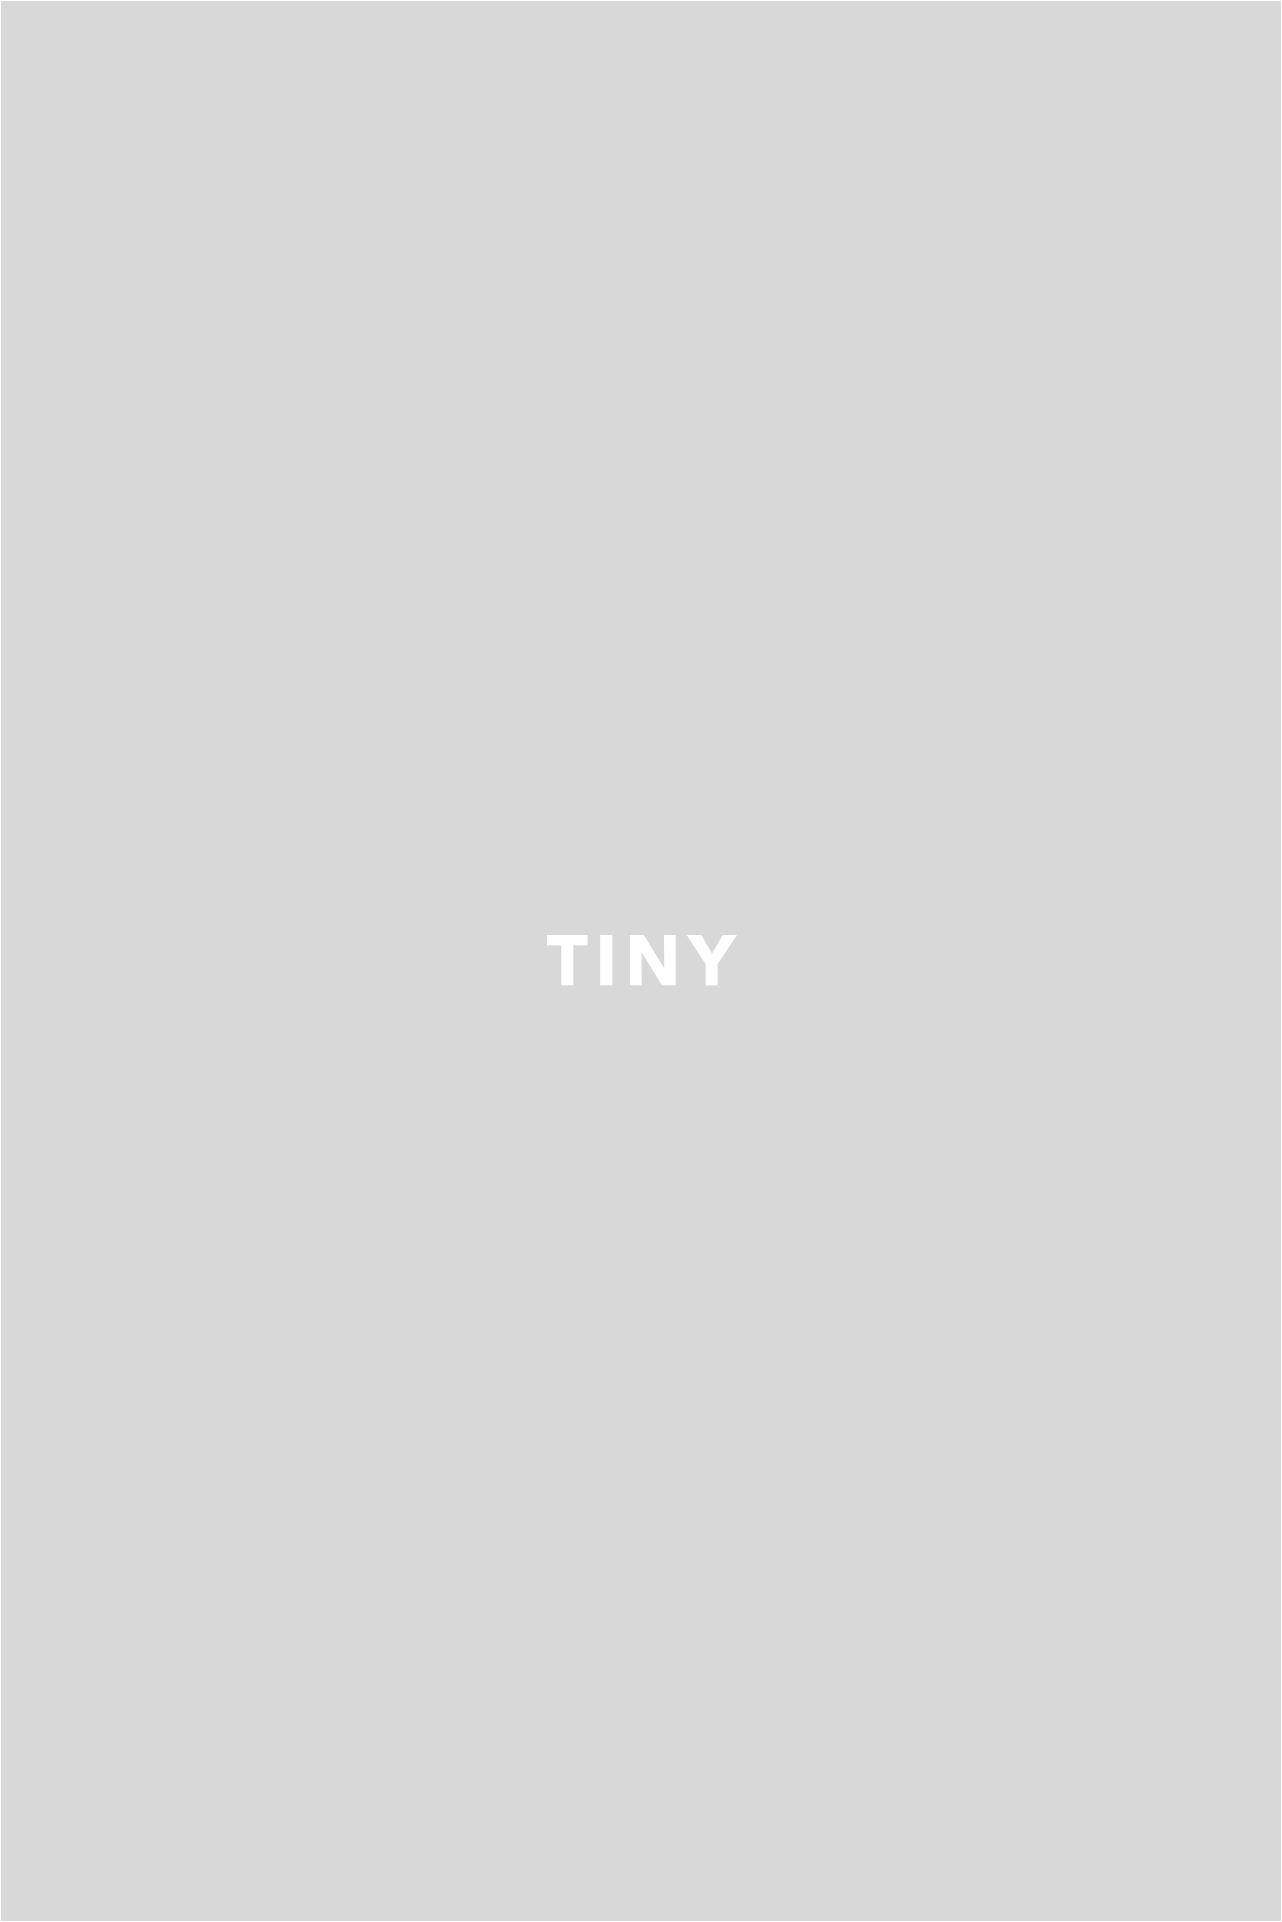 Adidas I-5923 - true blue/shock red/GUM 3